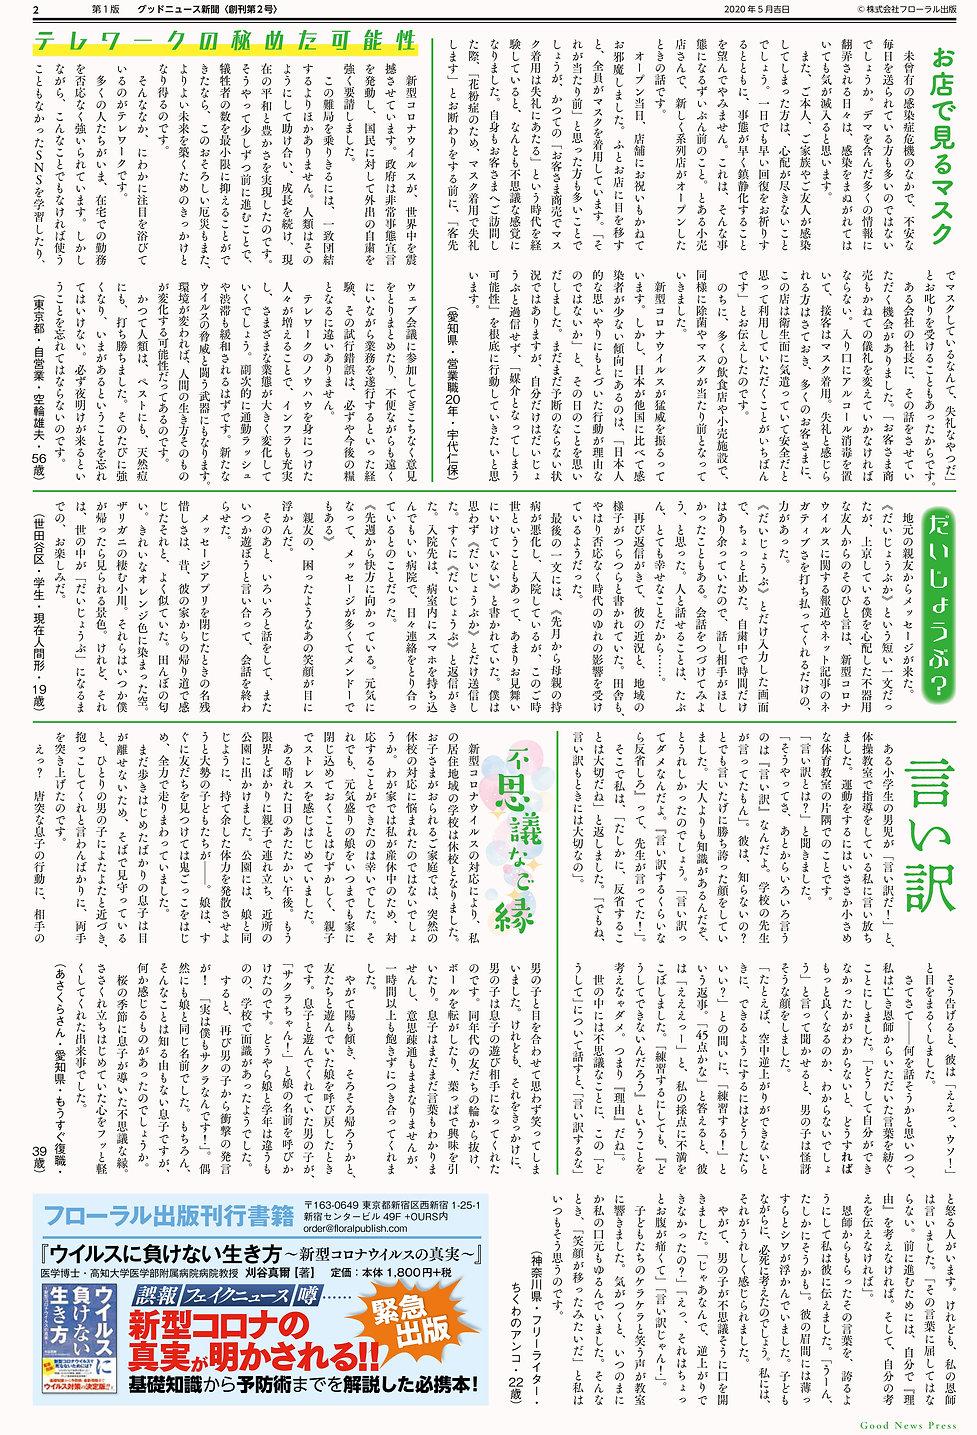 グッドニュース創刊02_2P.jpg